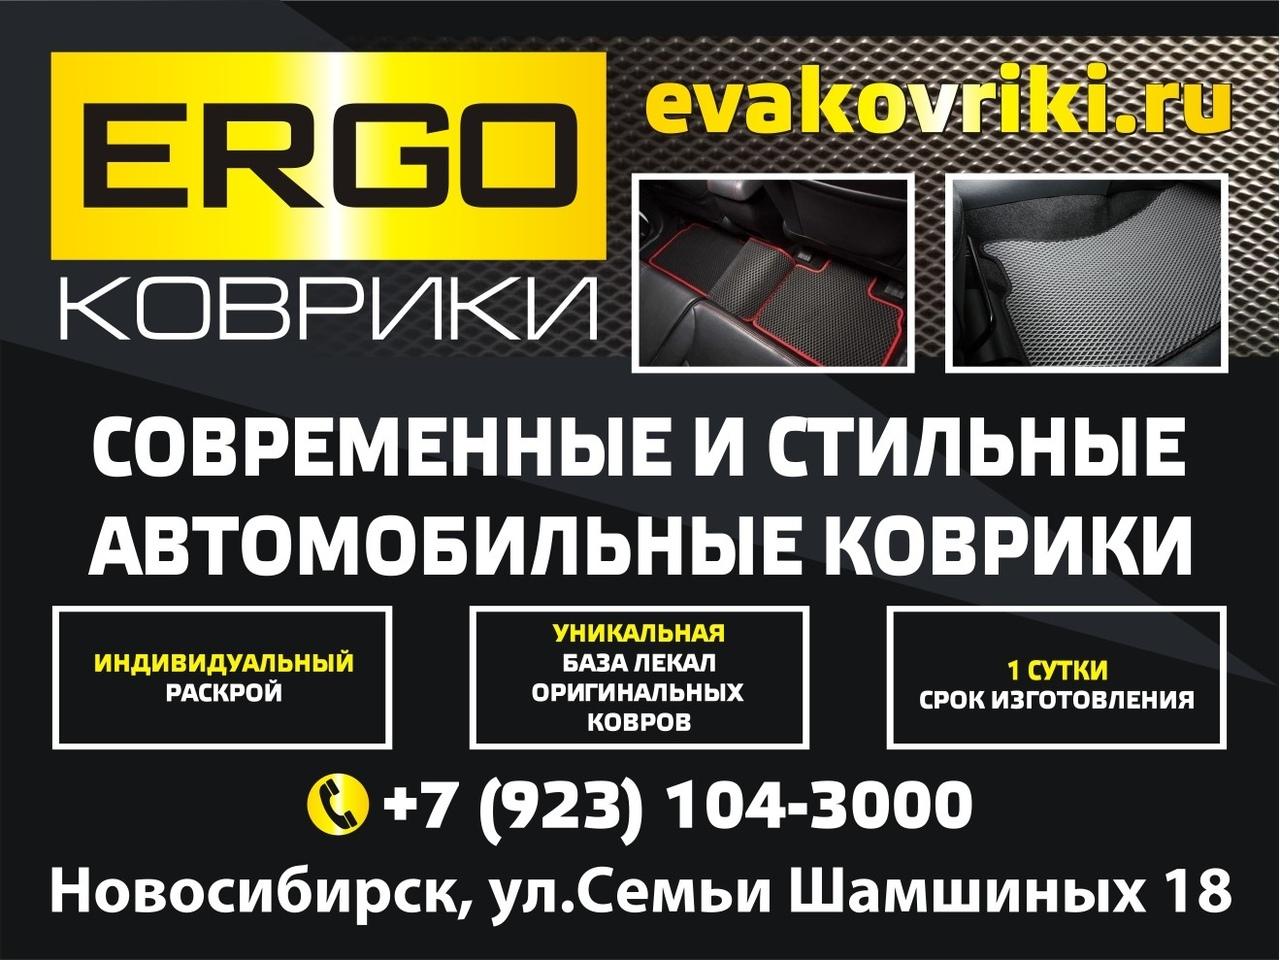 Автомобильные коврики ERGO